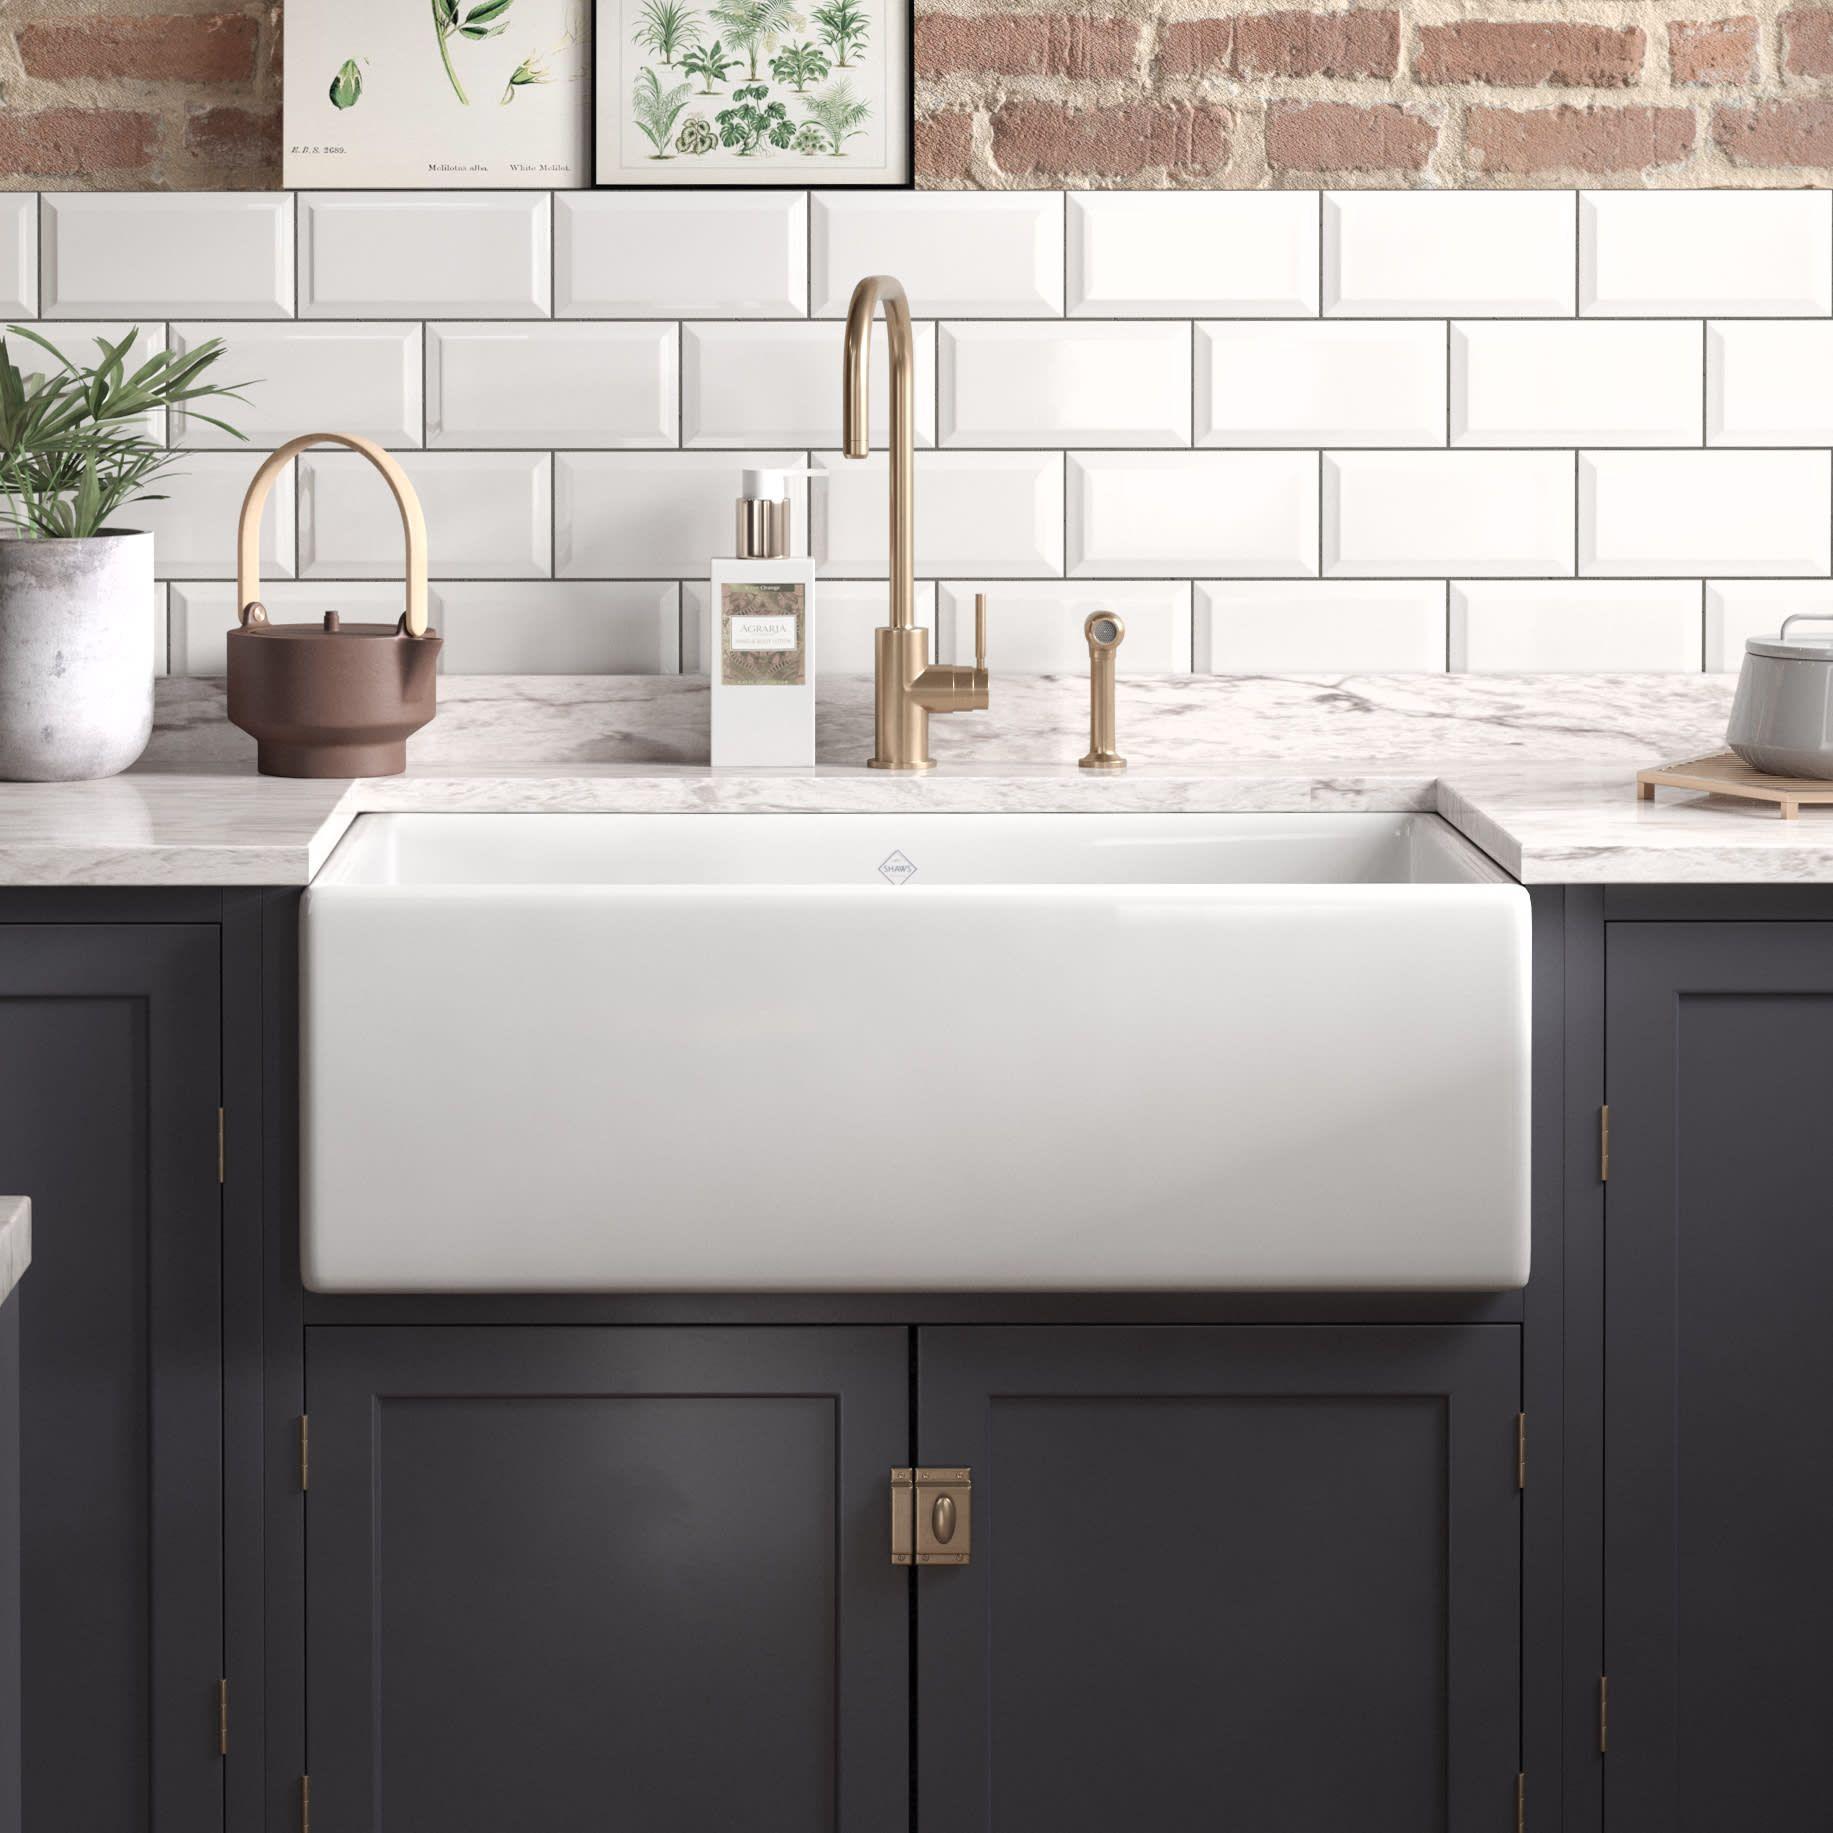 33+ Cheap apron sink model